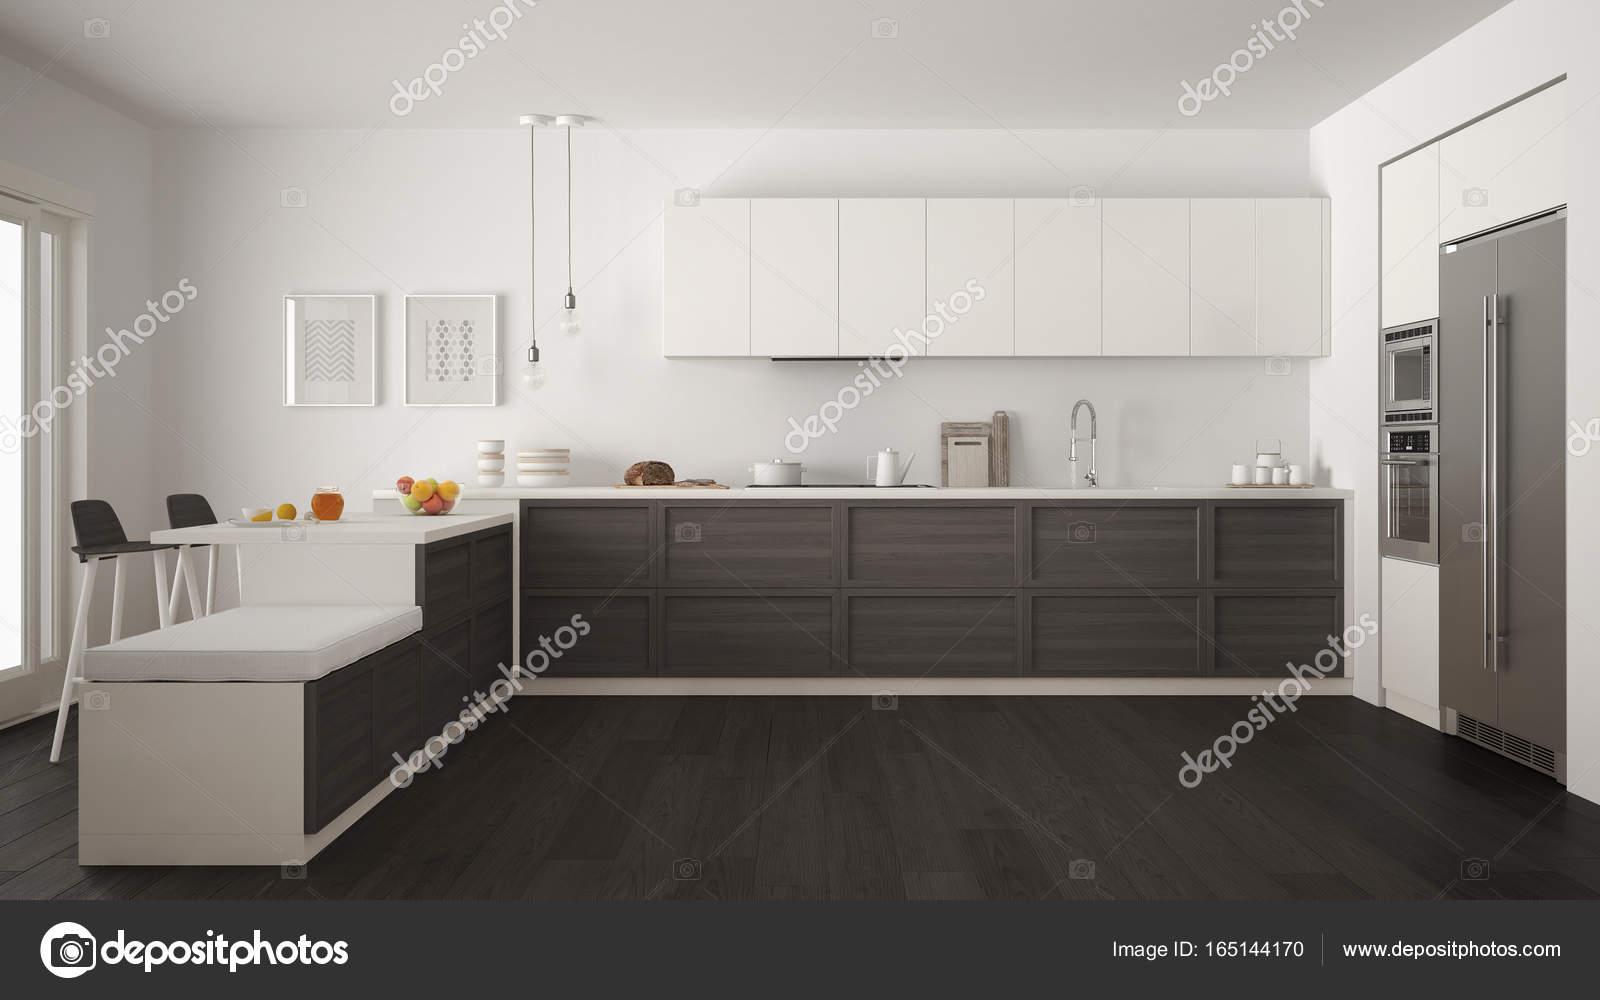 Cucina classica moderna con dettagli in legno e pavimento in parquet ...